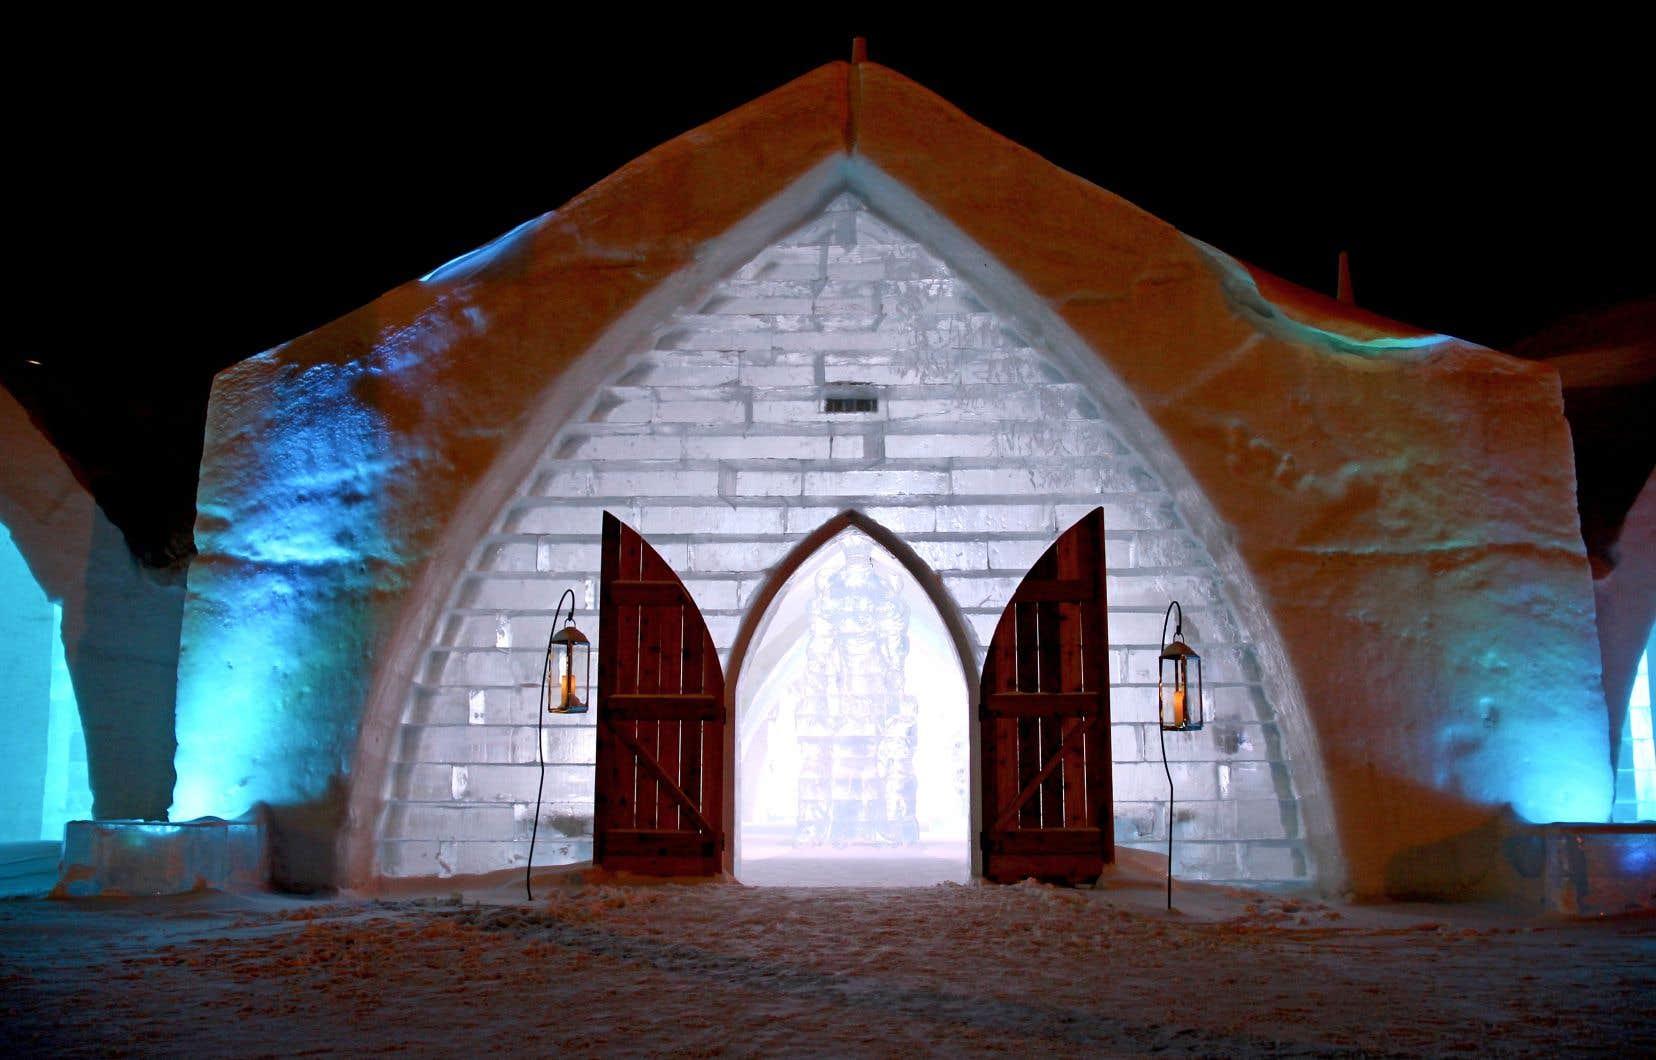 Quelque 500 tonnes de glace et 30 000 tonnes de neige ont été nécessaires à la réalisation de l'Hôtel de glace cette année.